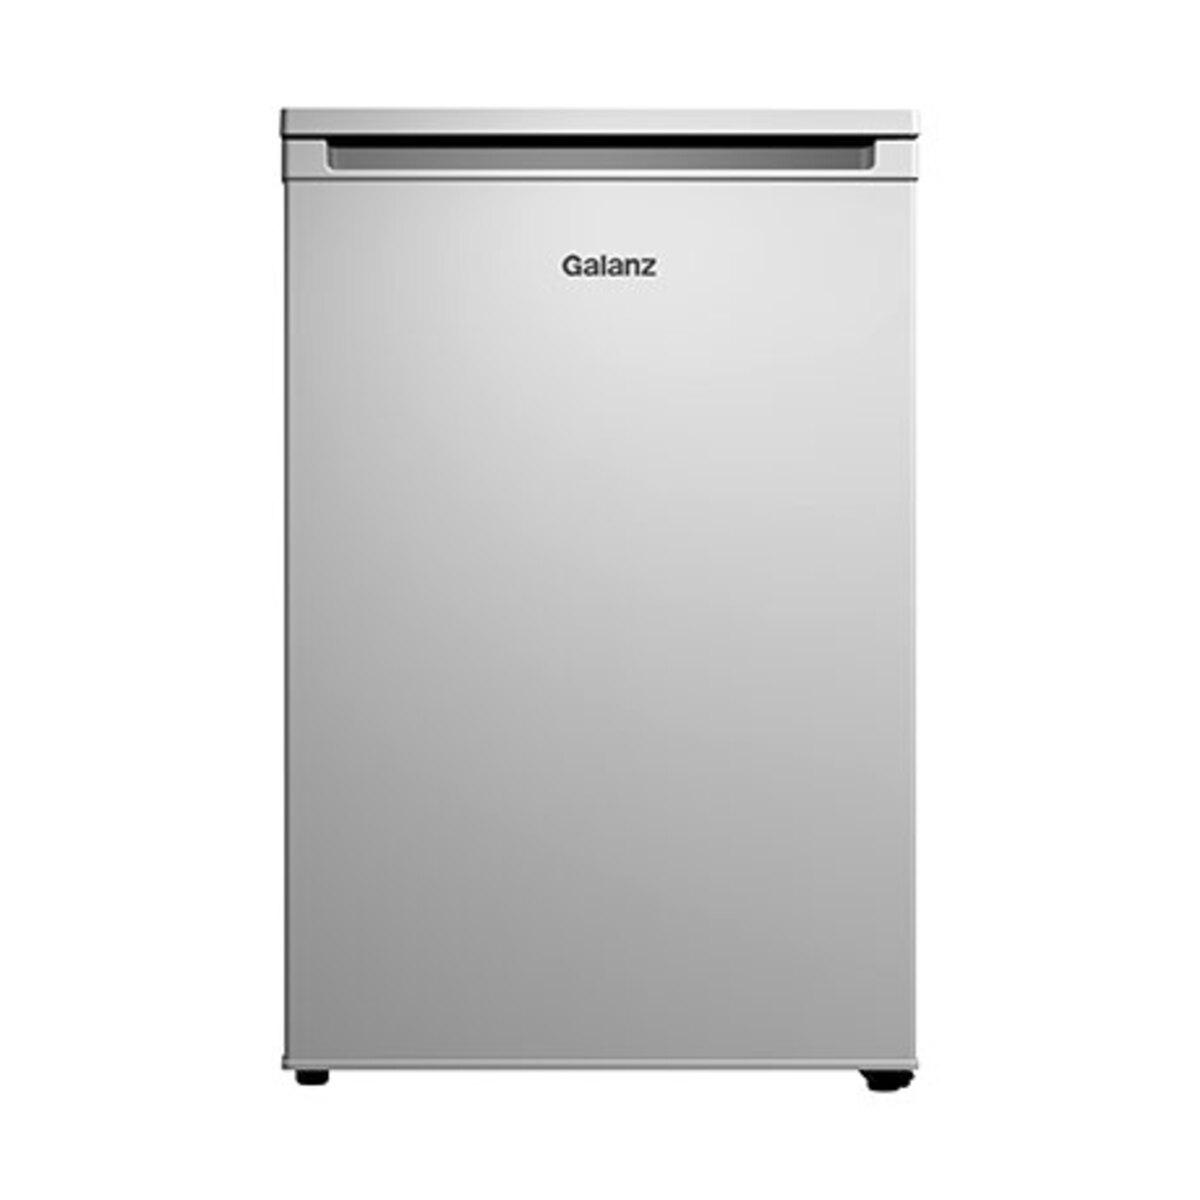 Bild 2 von Kühlschrank mit Gefrierfach